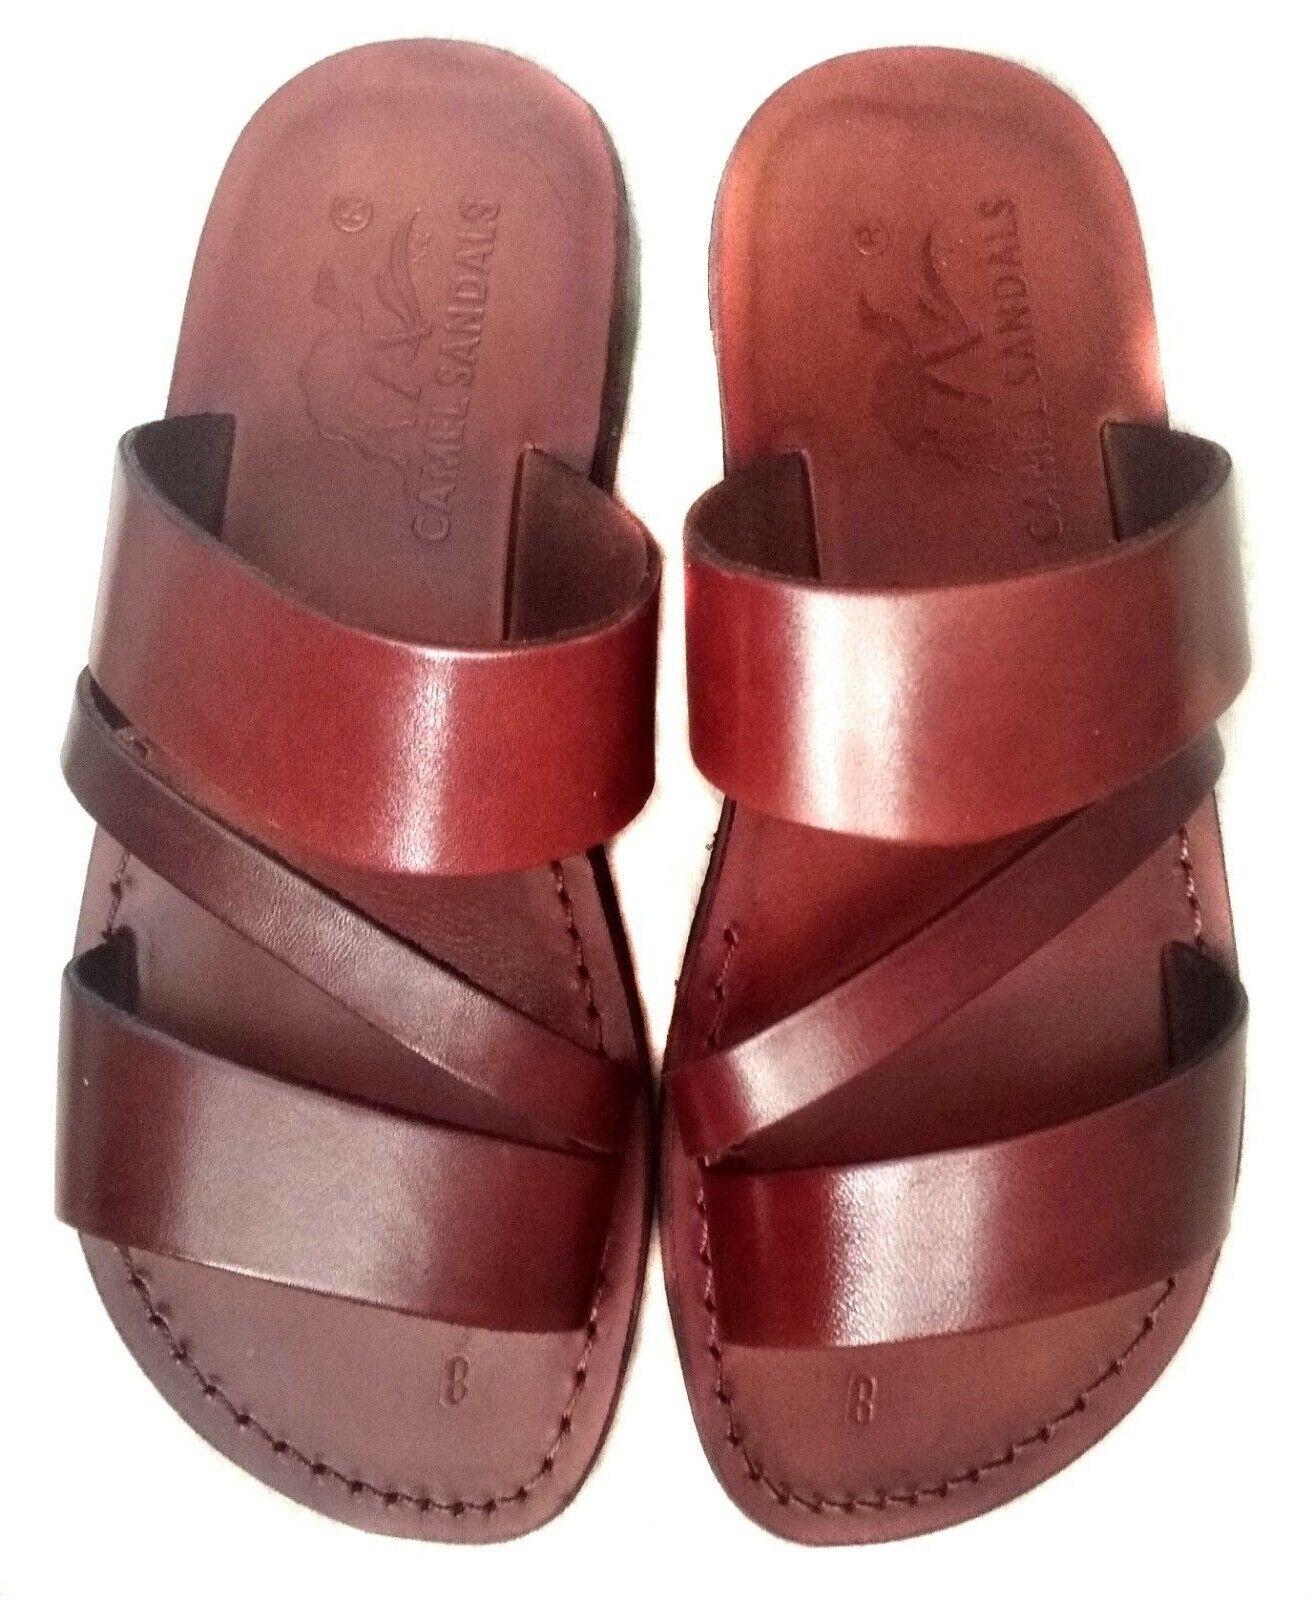 Camel Jesus Sandals Genuine Leather Greek Roman For Men shoes UK 4-12 Model 9